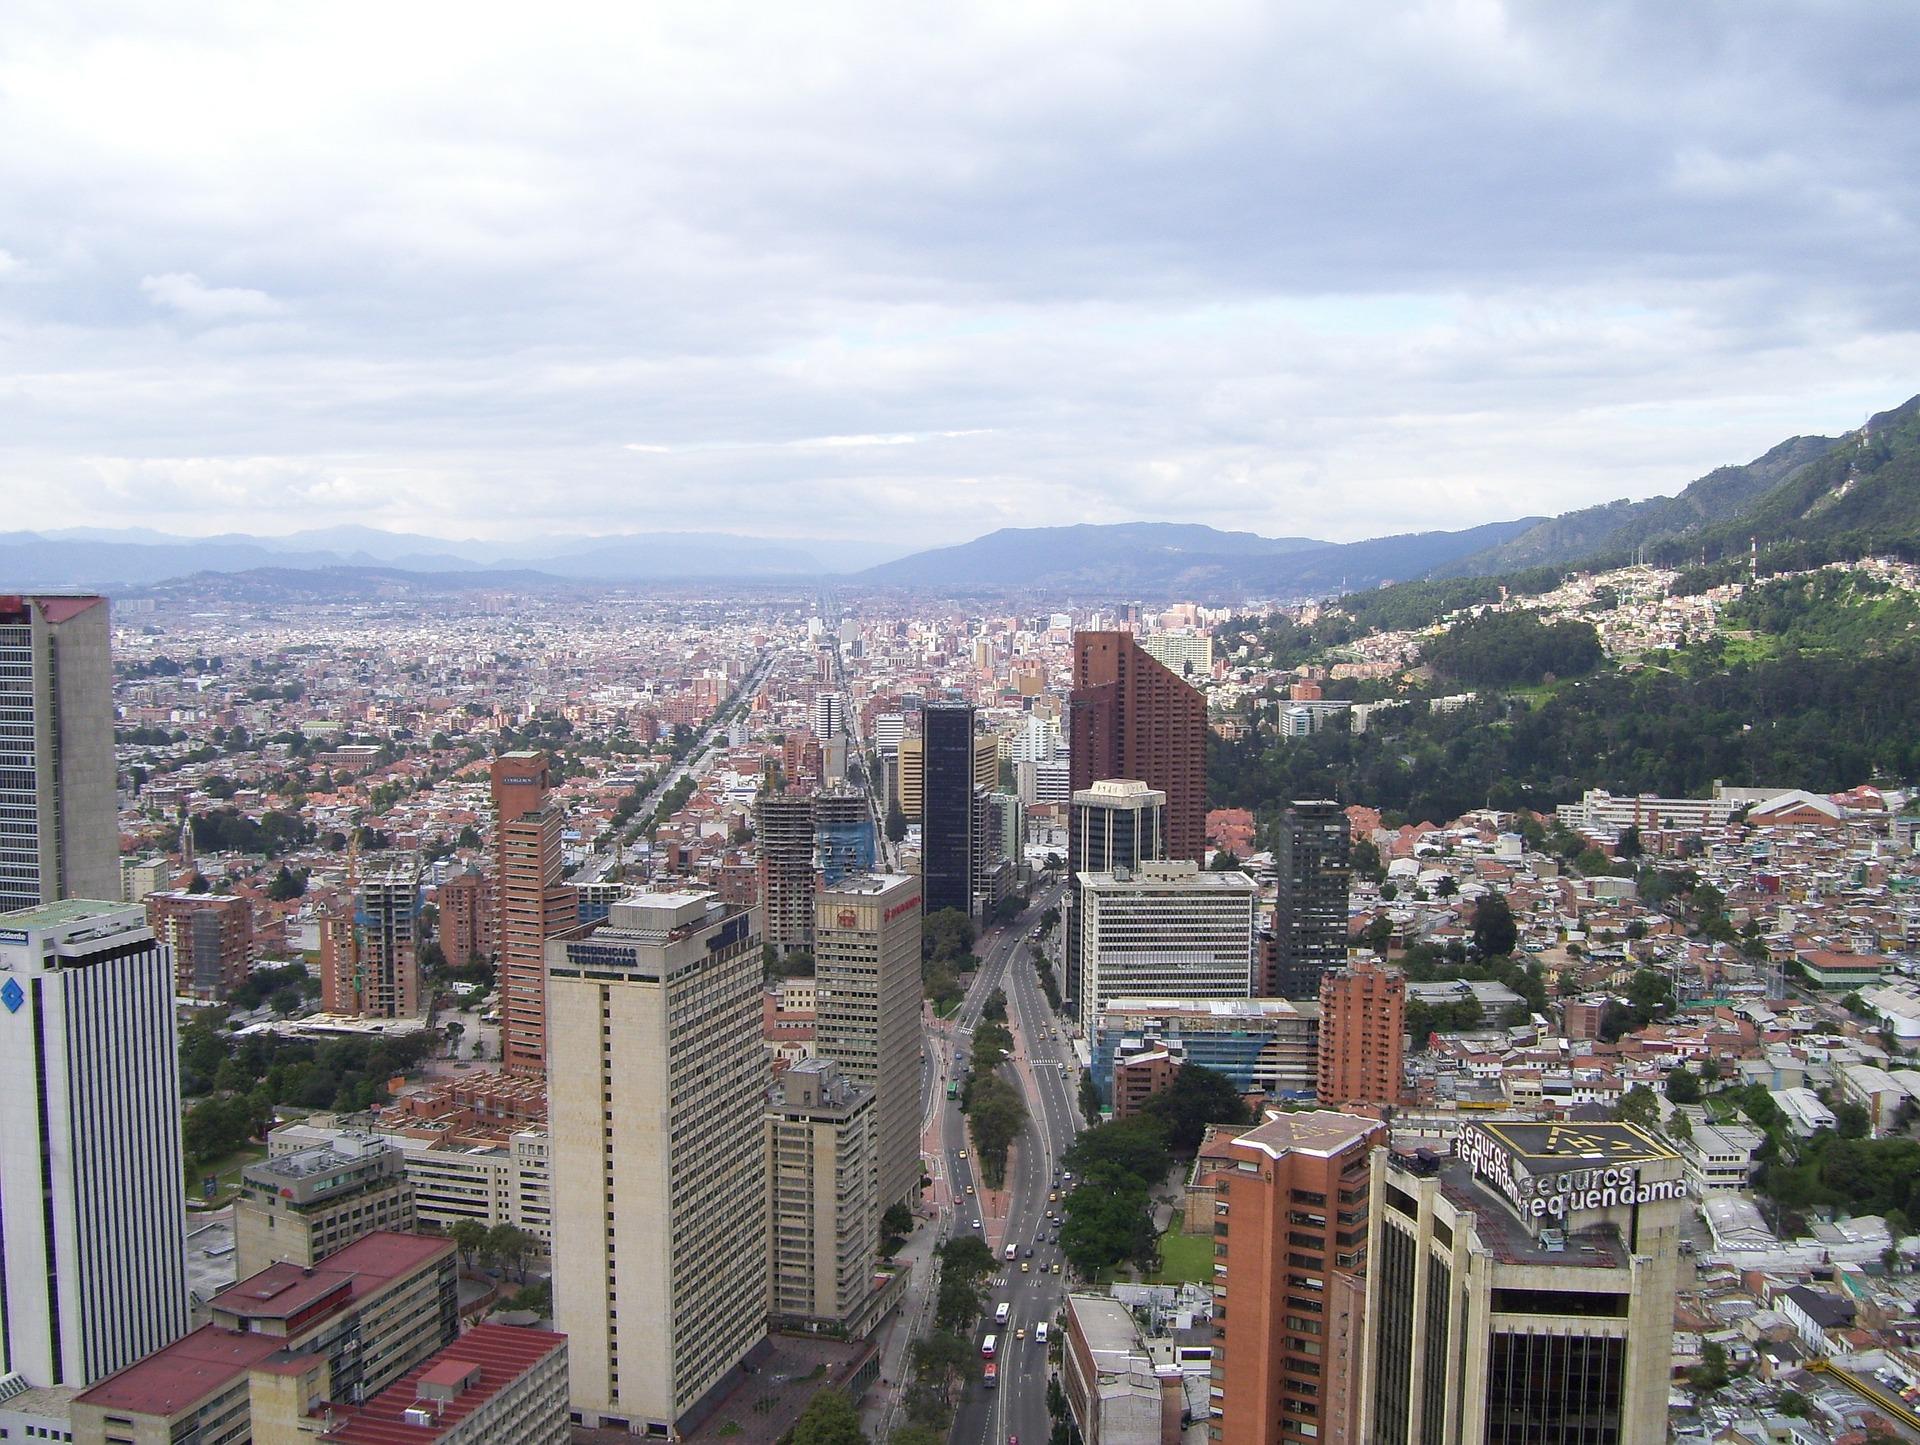 Die Haupstadt von Kolumbien mit über 3 Millonen Einwohnern